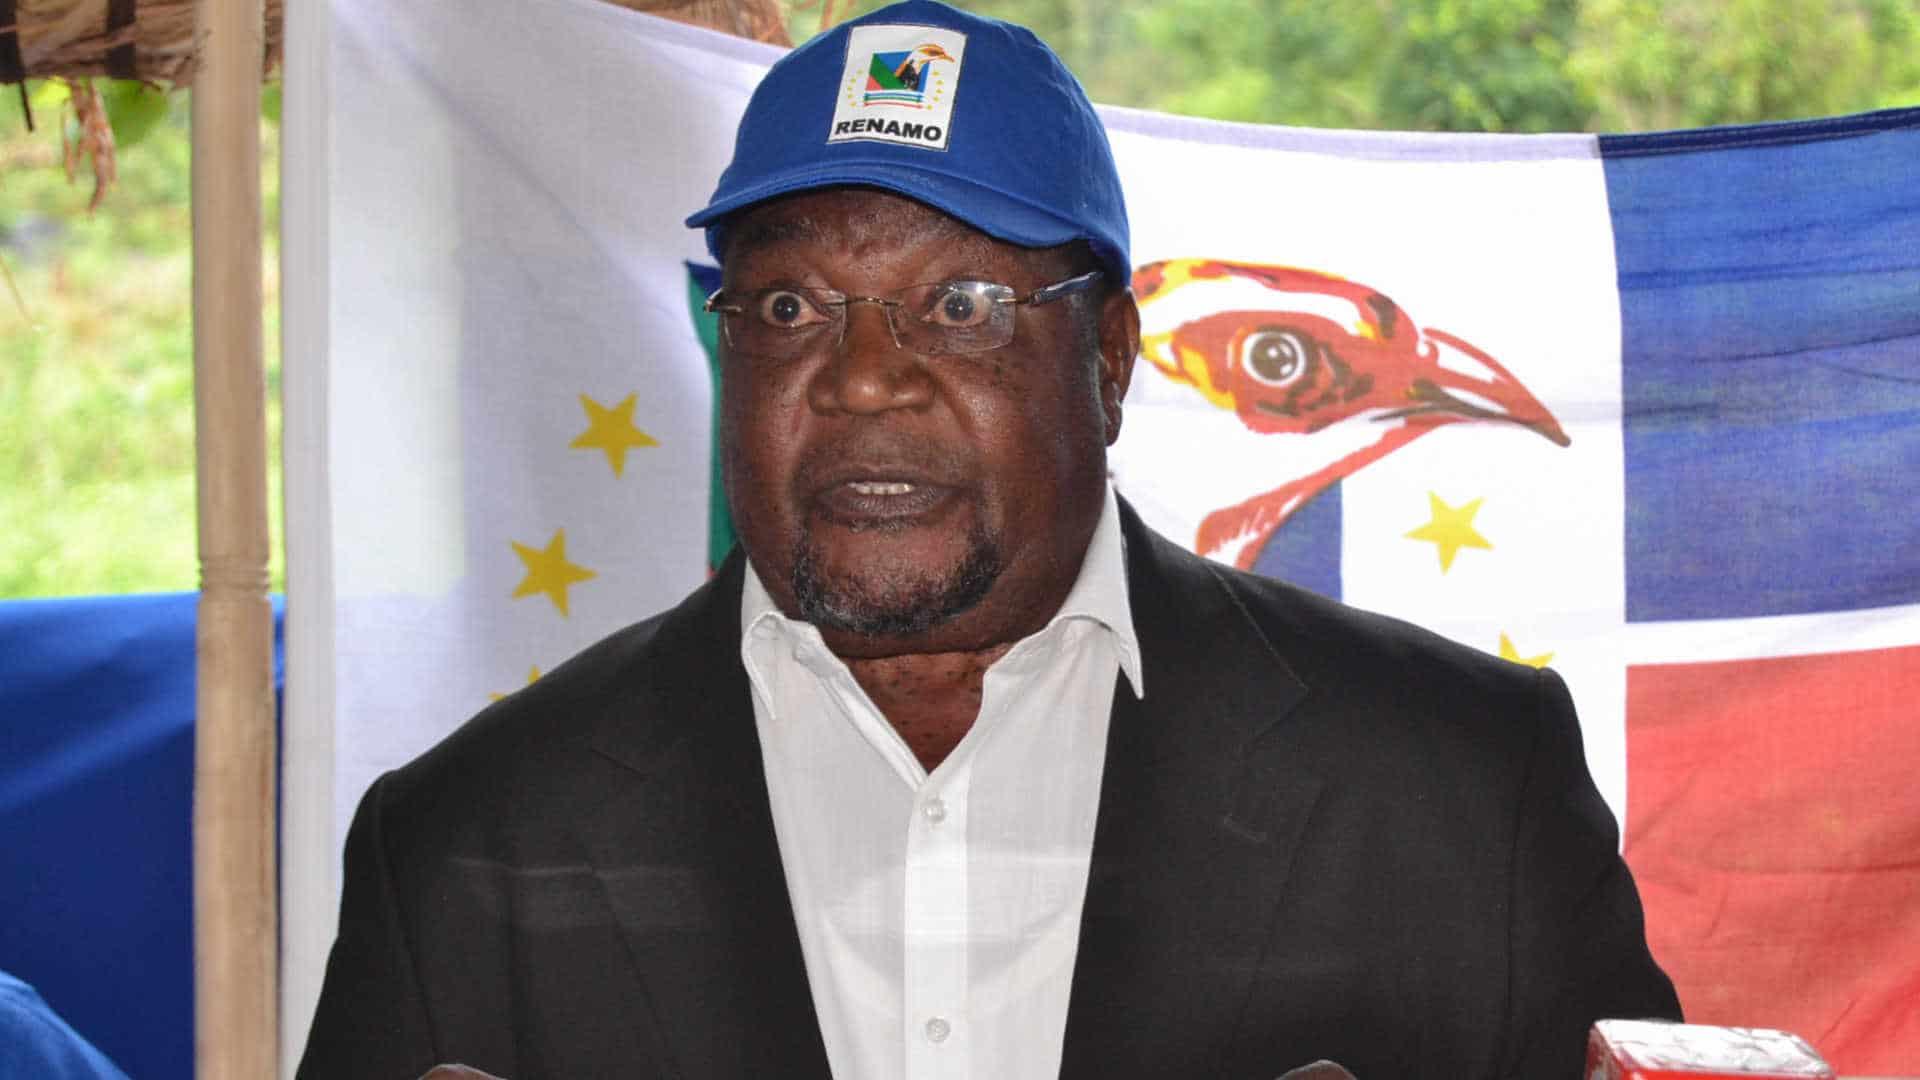 moçambique: ossufo momade eleito presidente da renamo - Ossufo Momade - Moçambique: Ossufo Momade eleito presidente da Renamo